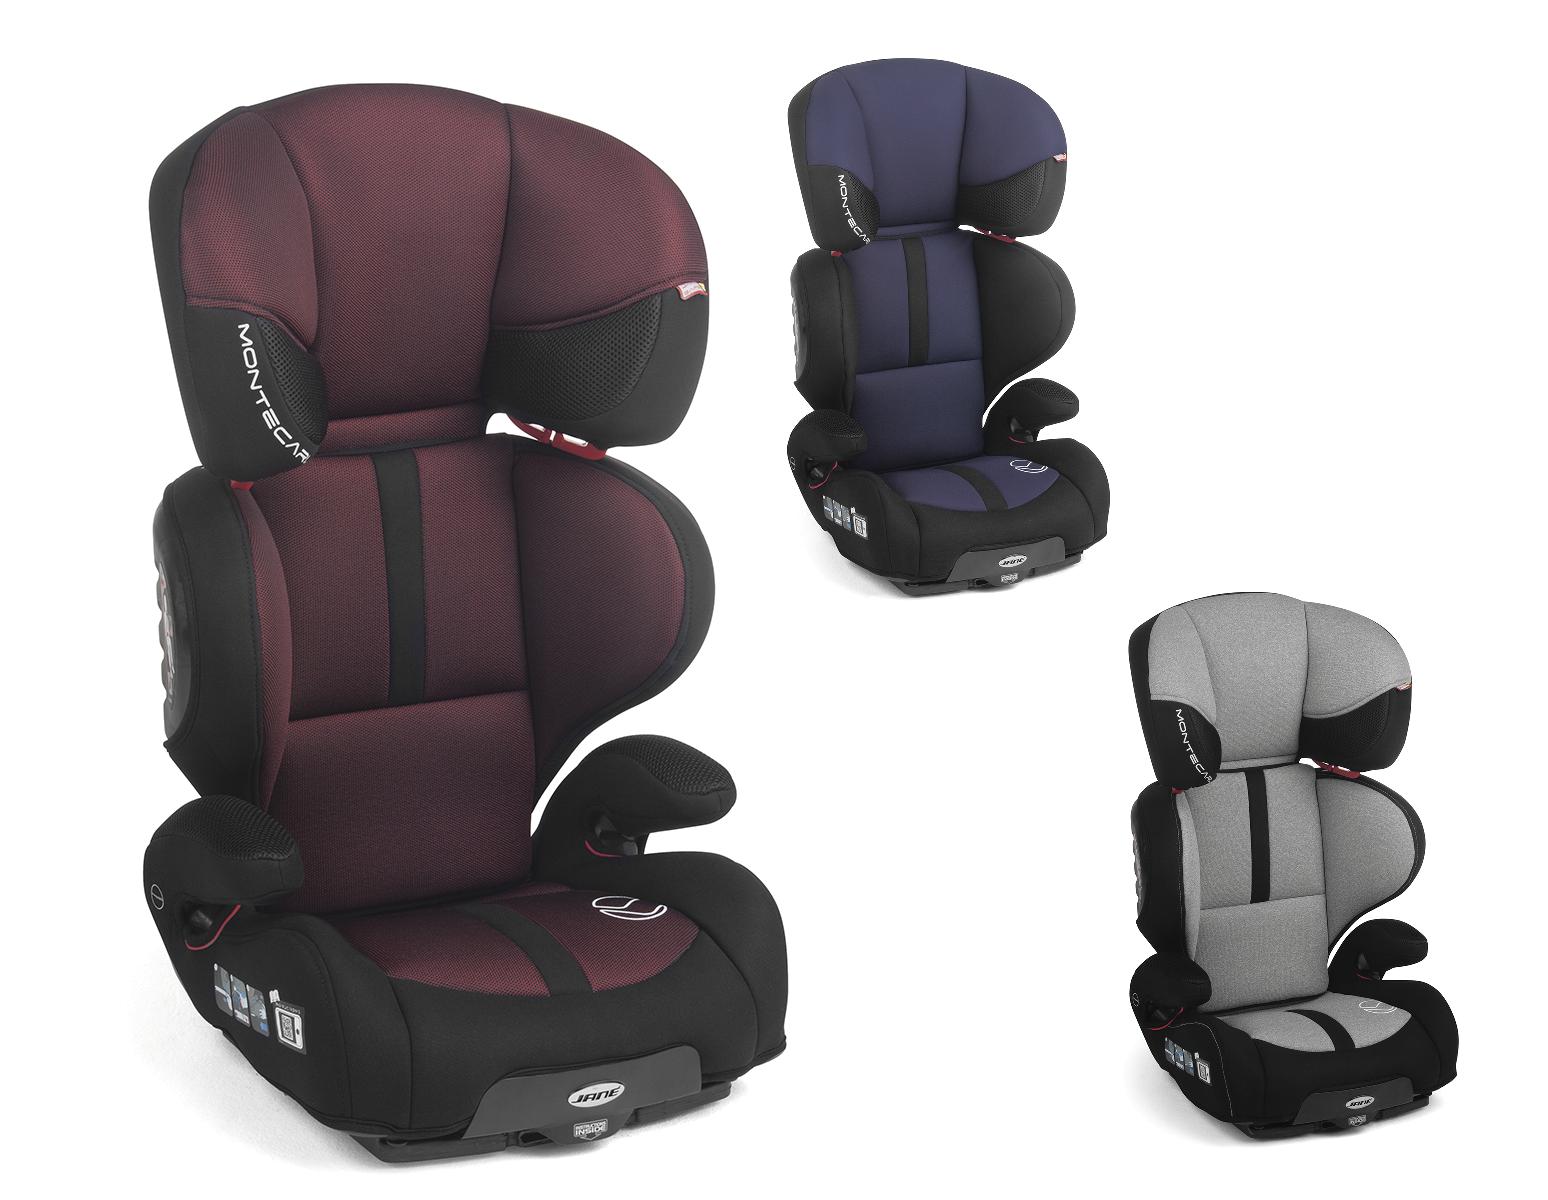 Car ISOFIX seat kg samochodowy 15 R1 group 2 fotelik Jane Montecarlo 3 36 F1J3TlKc